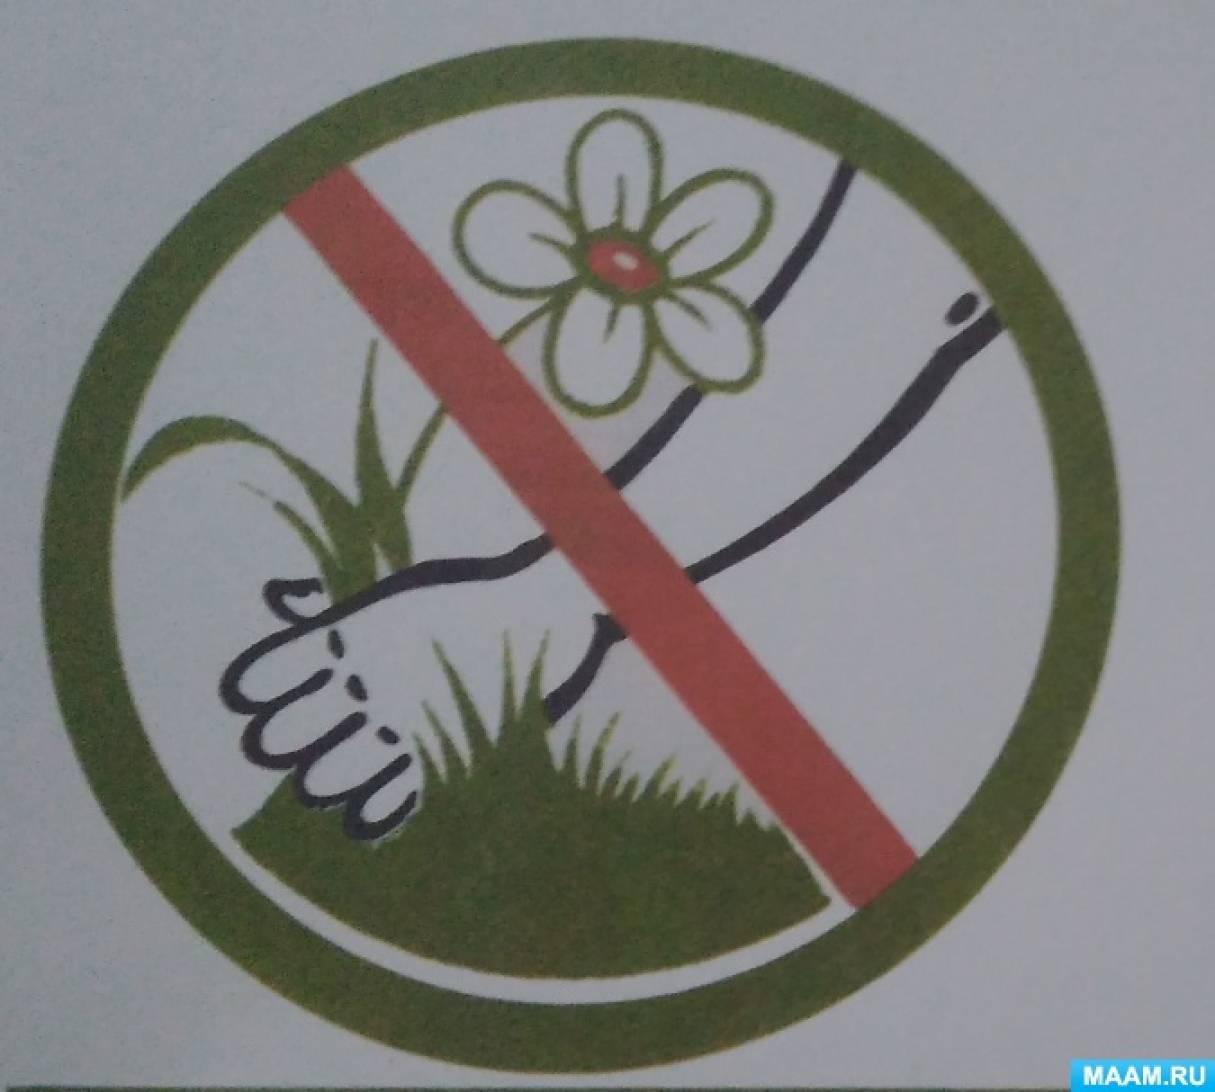 Картинки об охране природы для детей дошкольного возраста, февраля